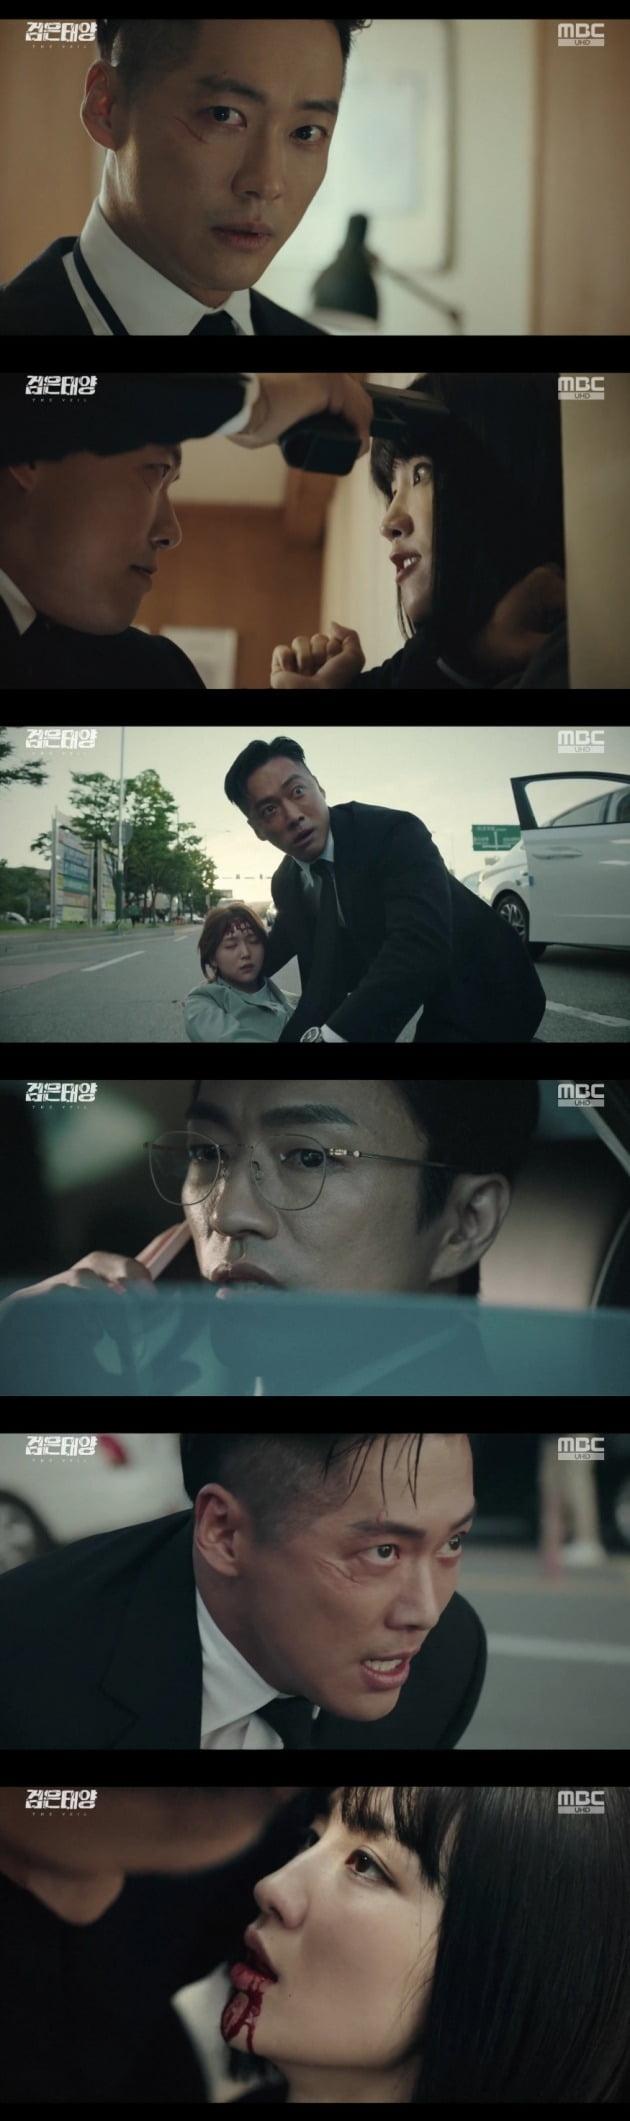 '검은 태양' 방송 화면./사진제공=MBC